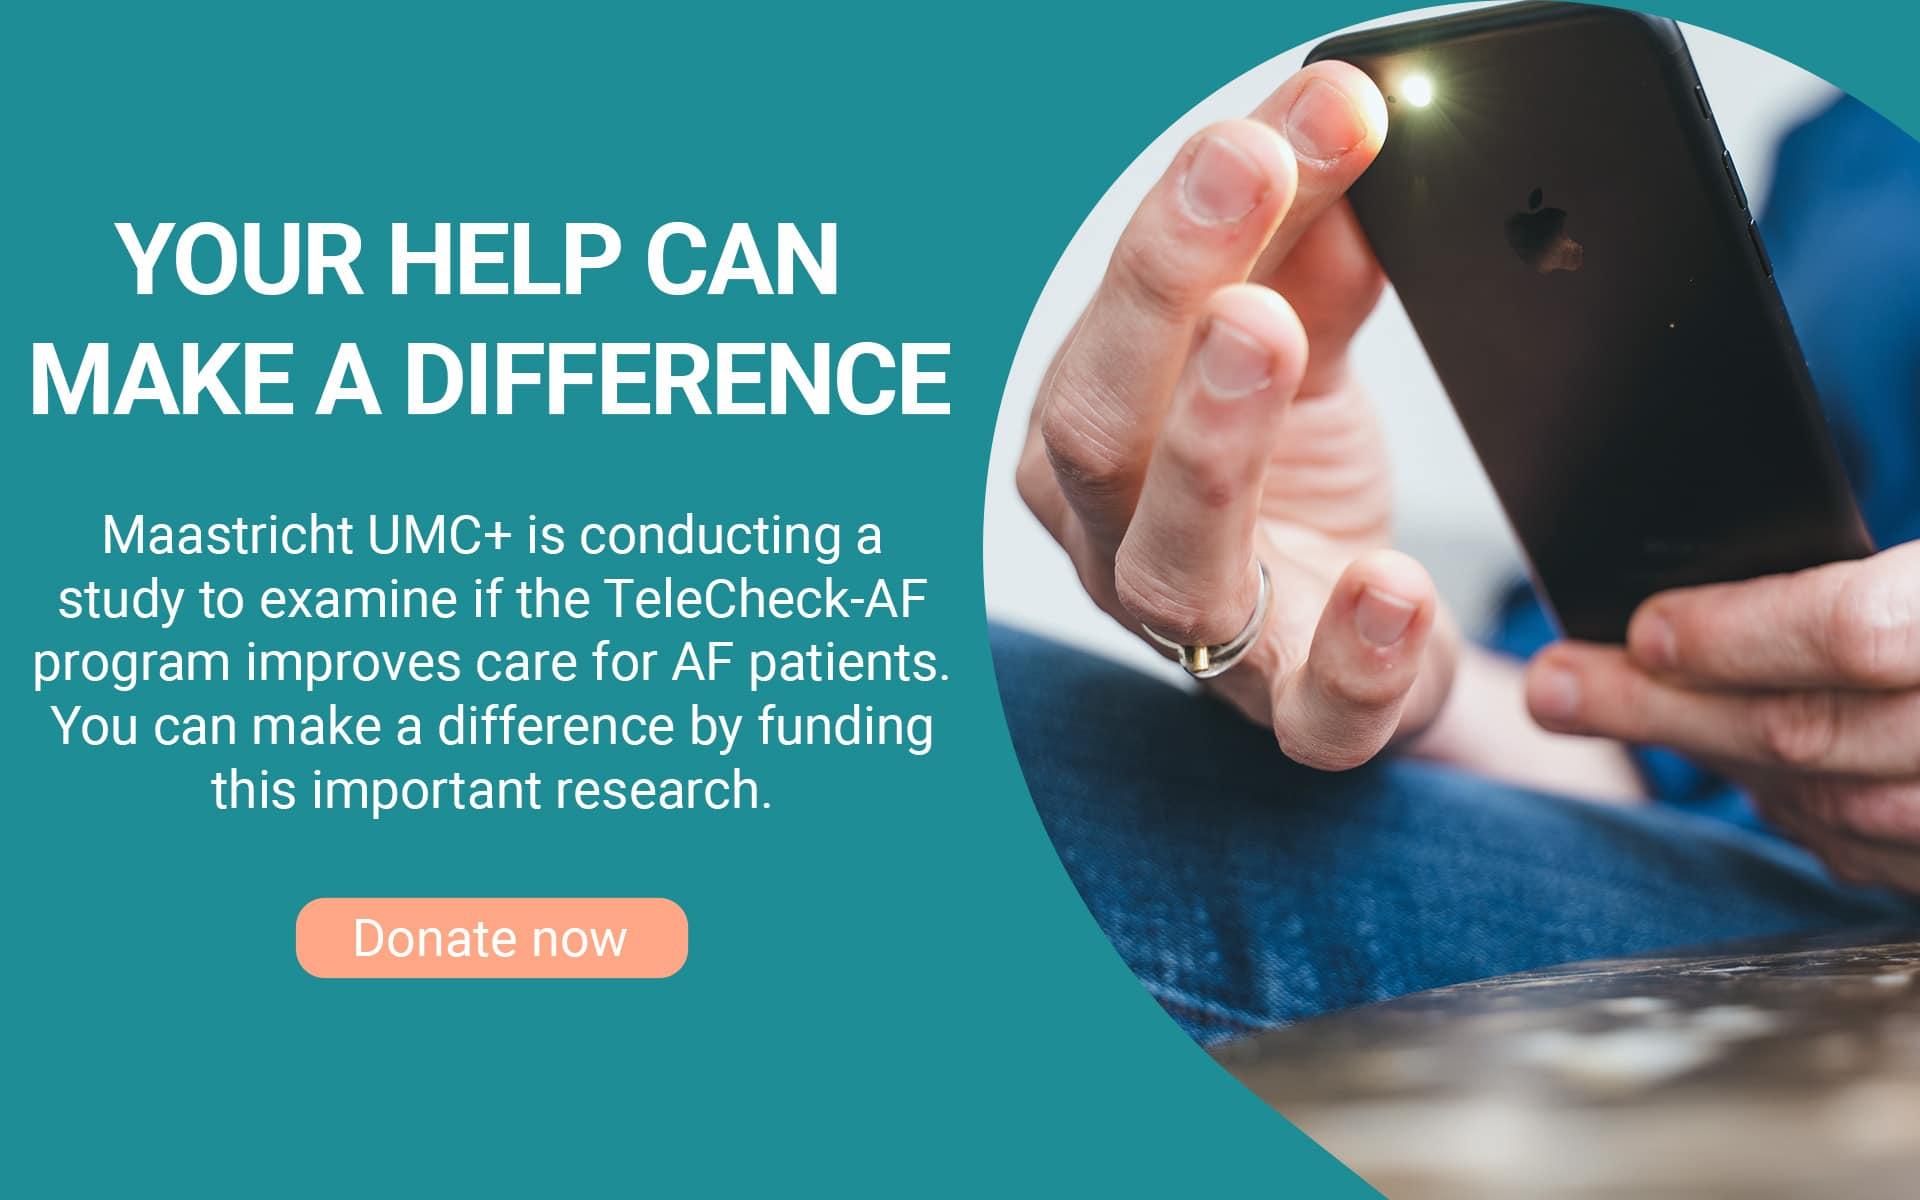 Funding TeleCheck-AF